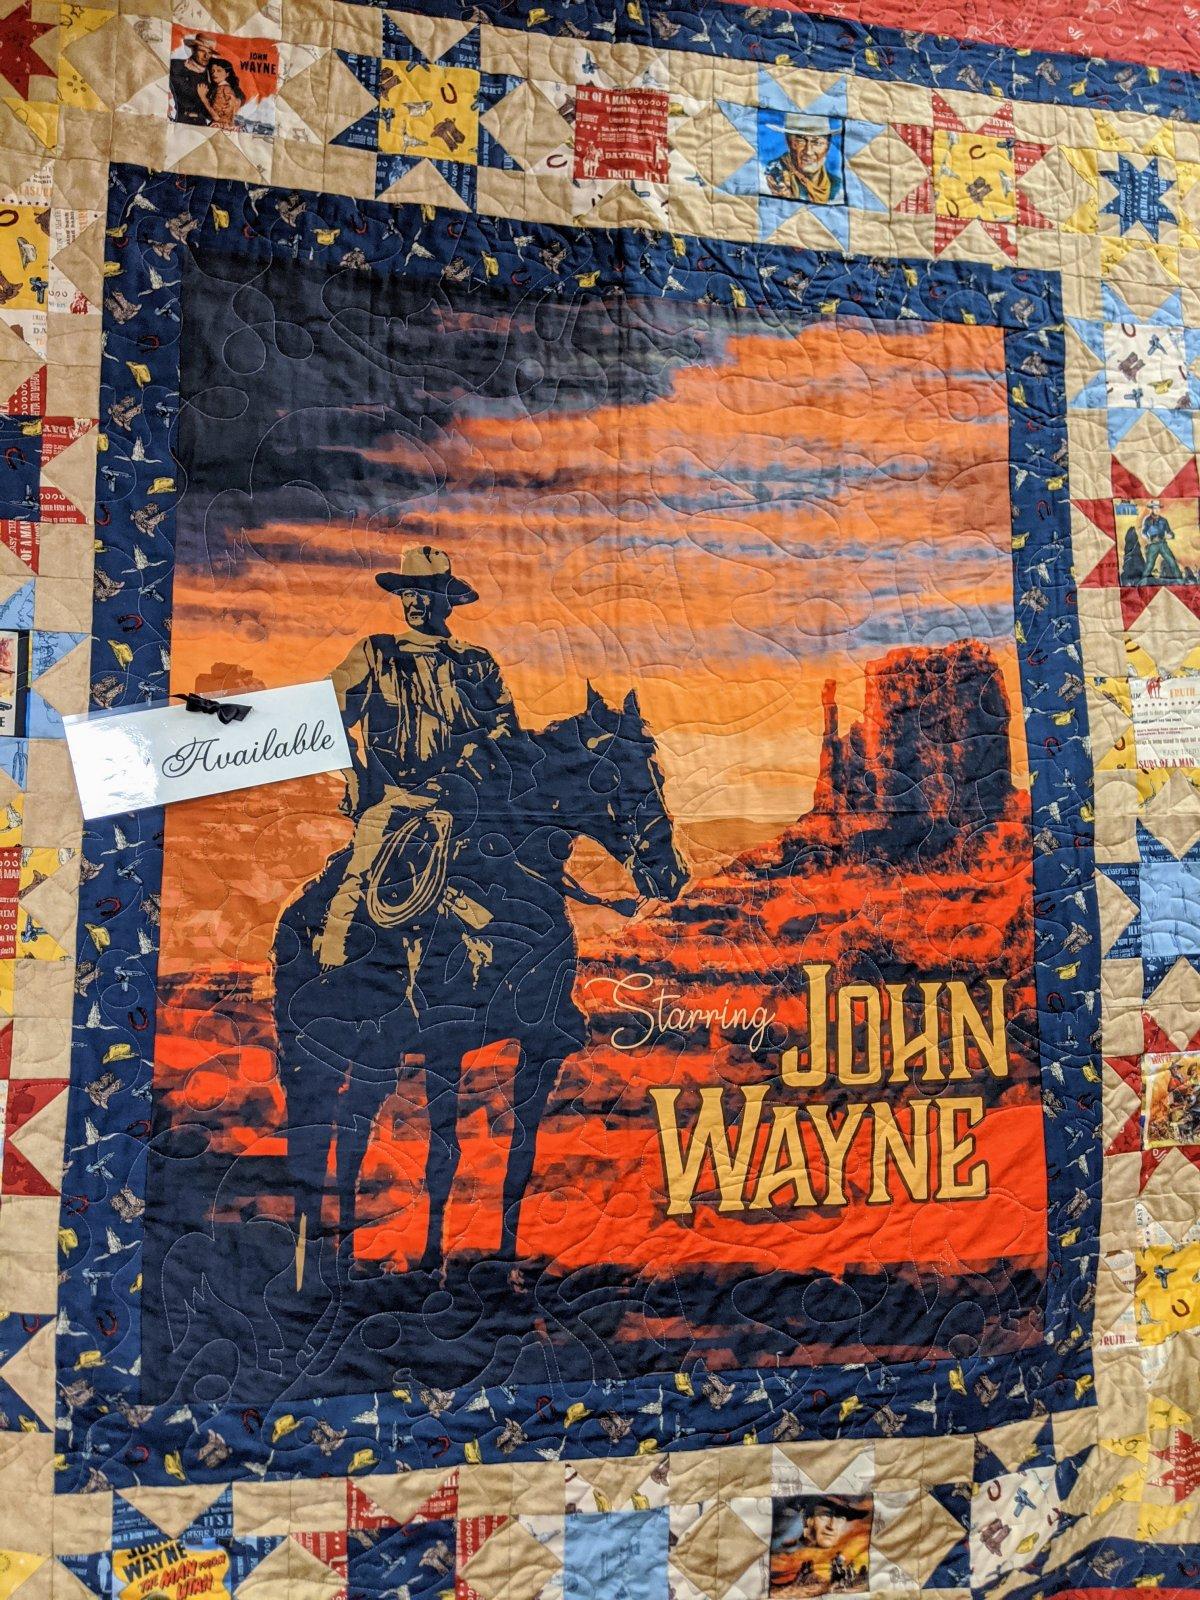 The Duke - John Wayne Kit